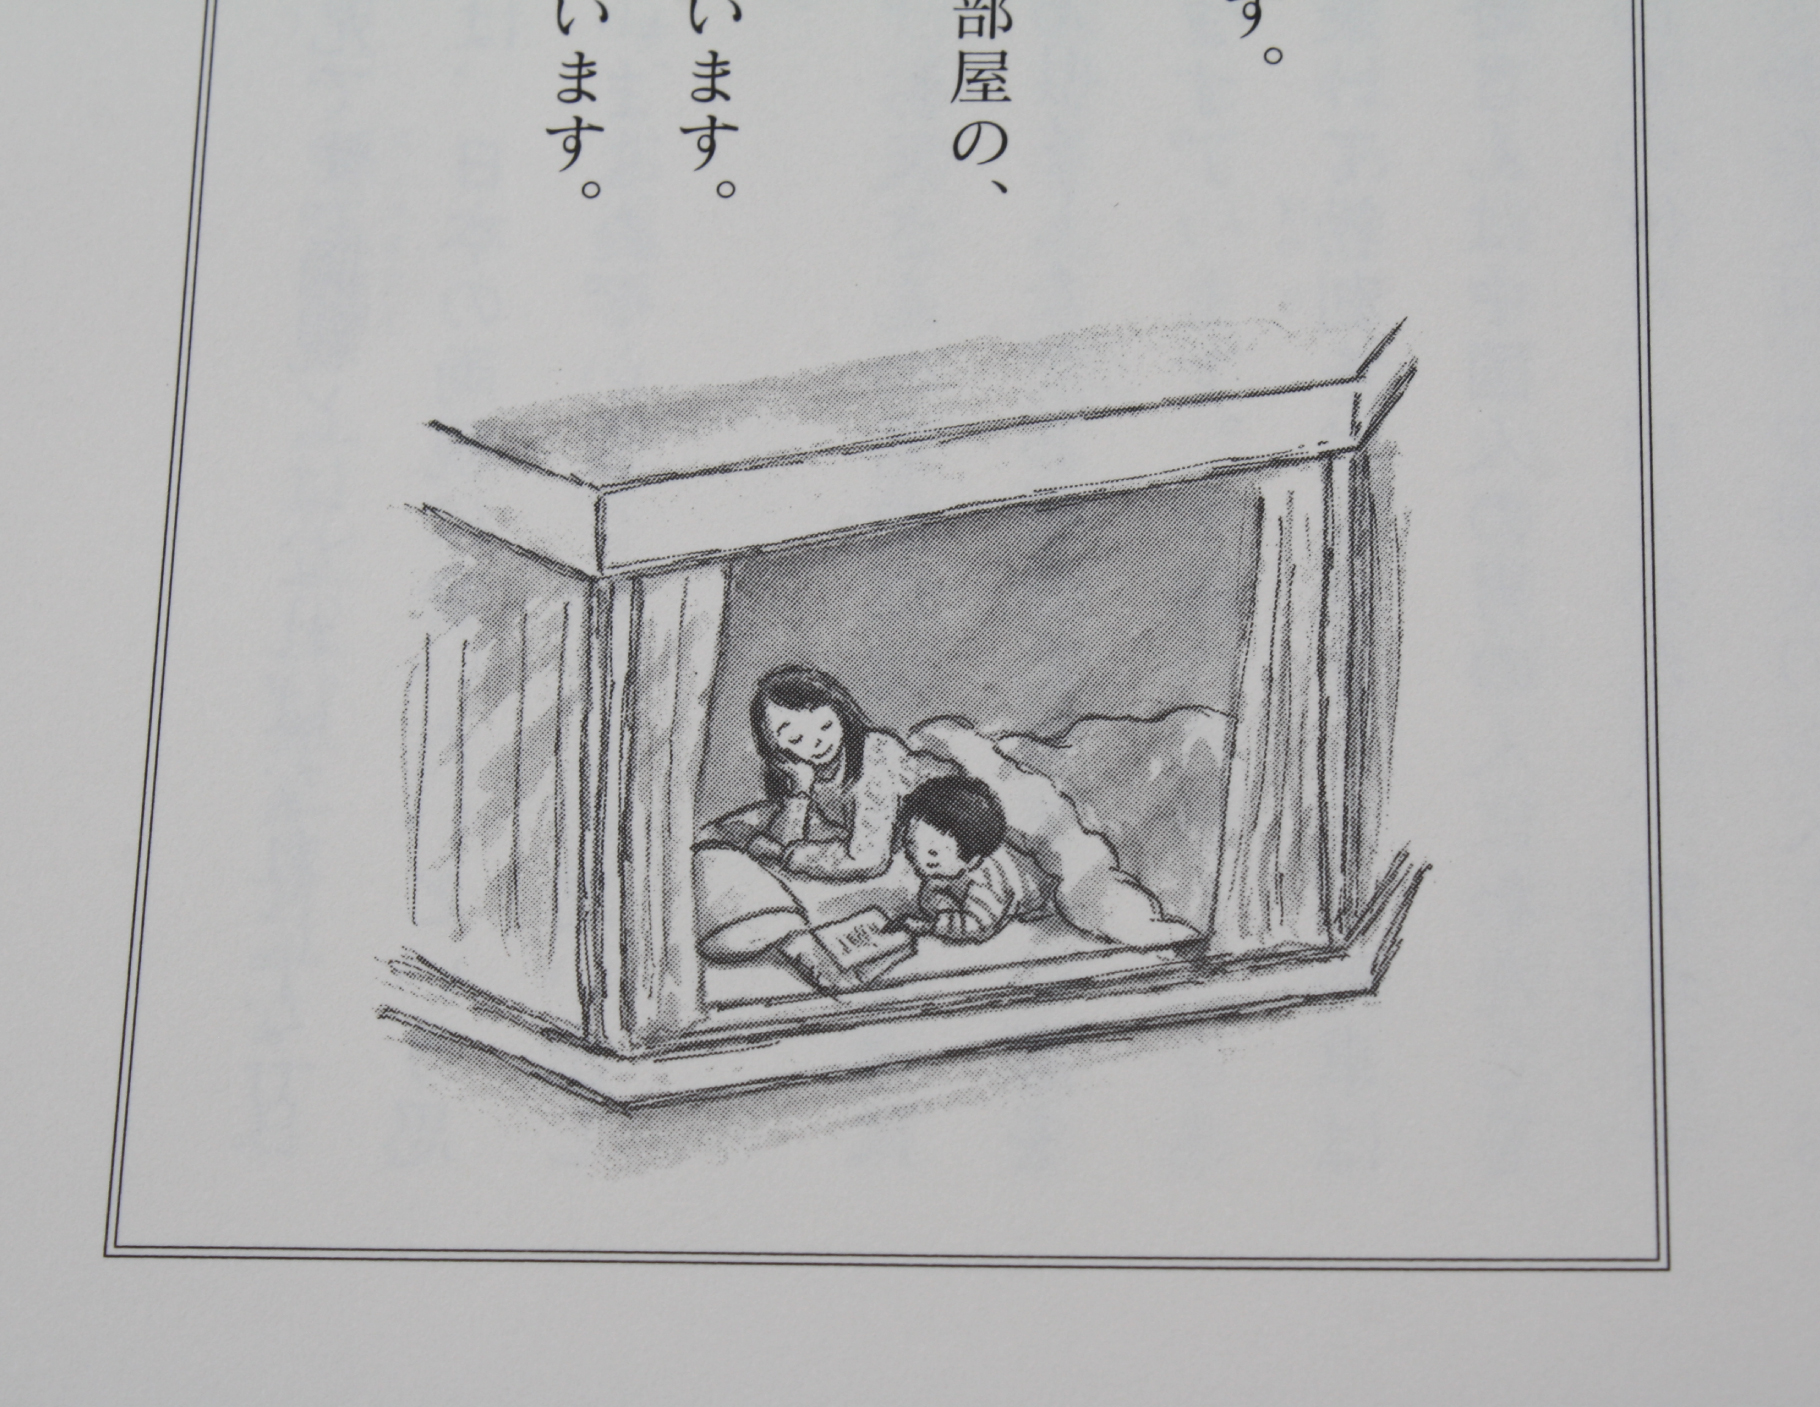 さし絵。母親が布団のうえのむすこになにか読み聞かせている様子。